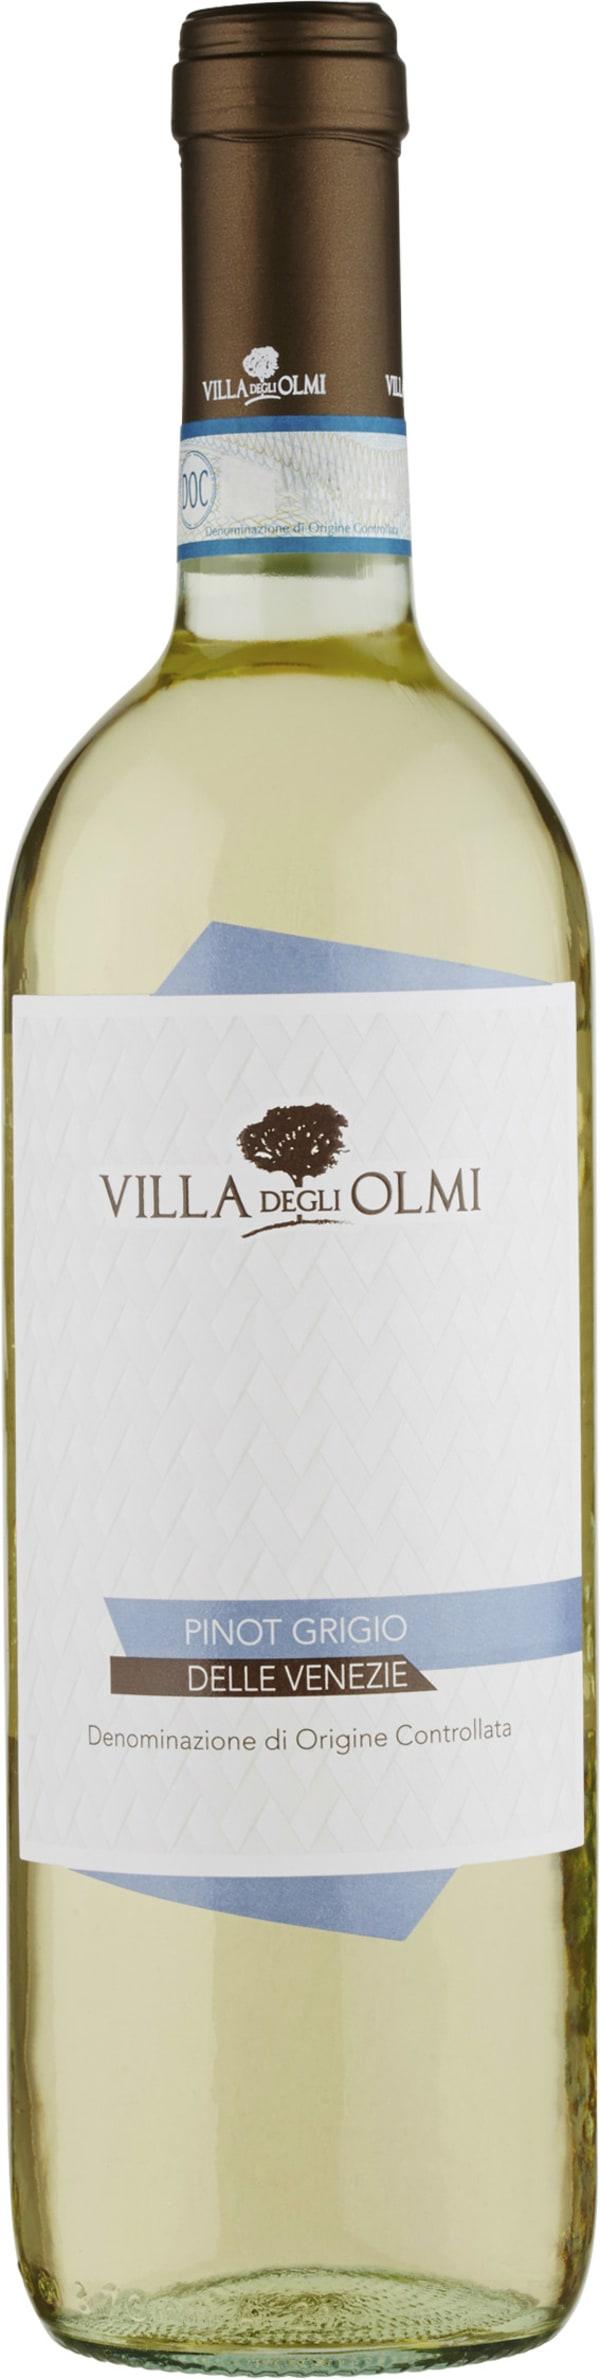 Villa Degli Olmi Pinot Grigio 2019